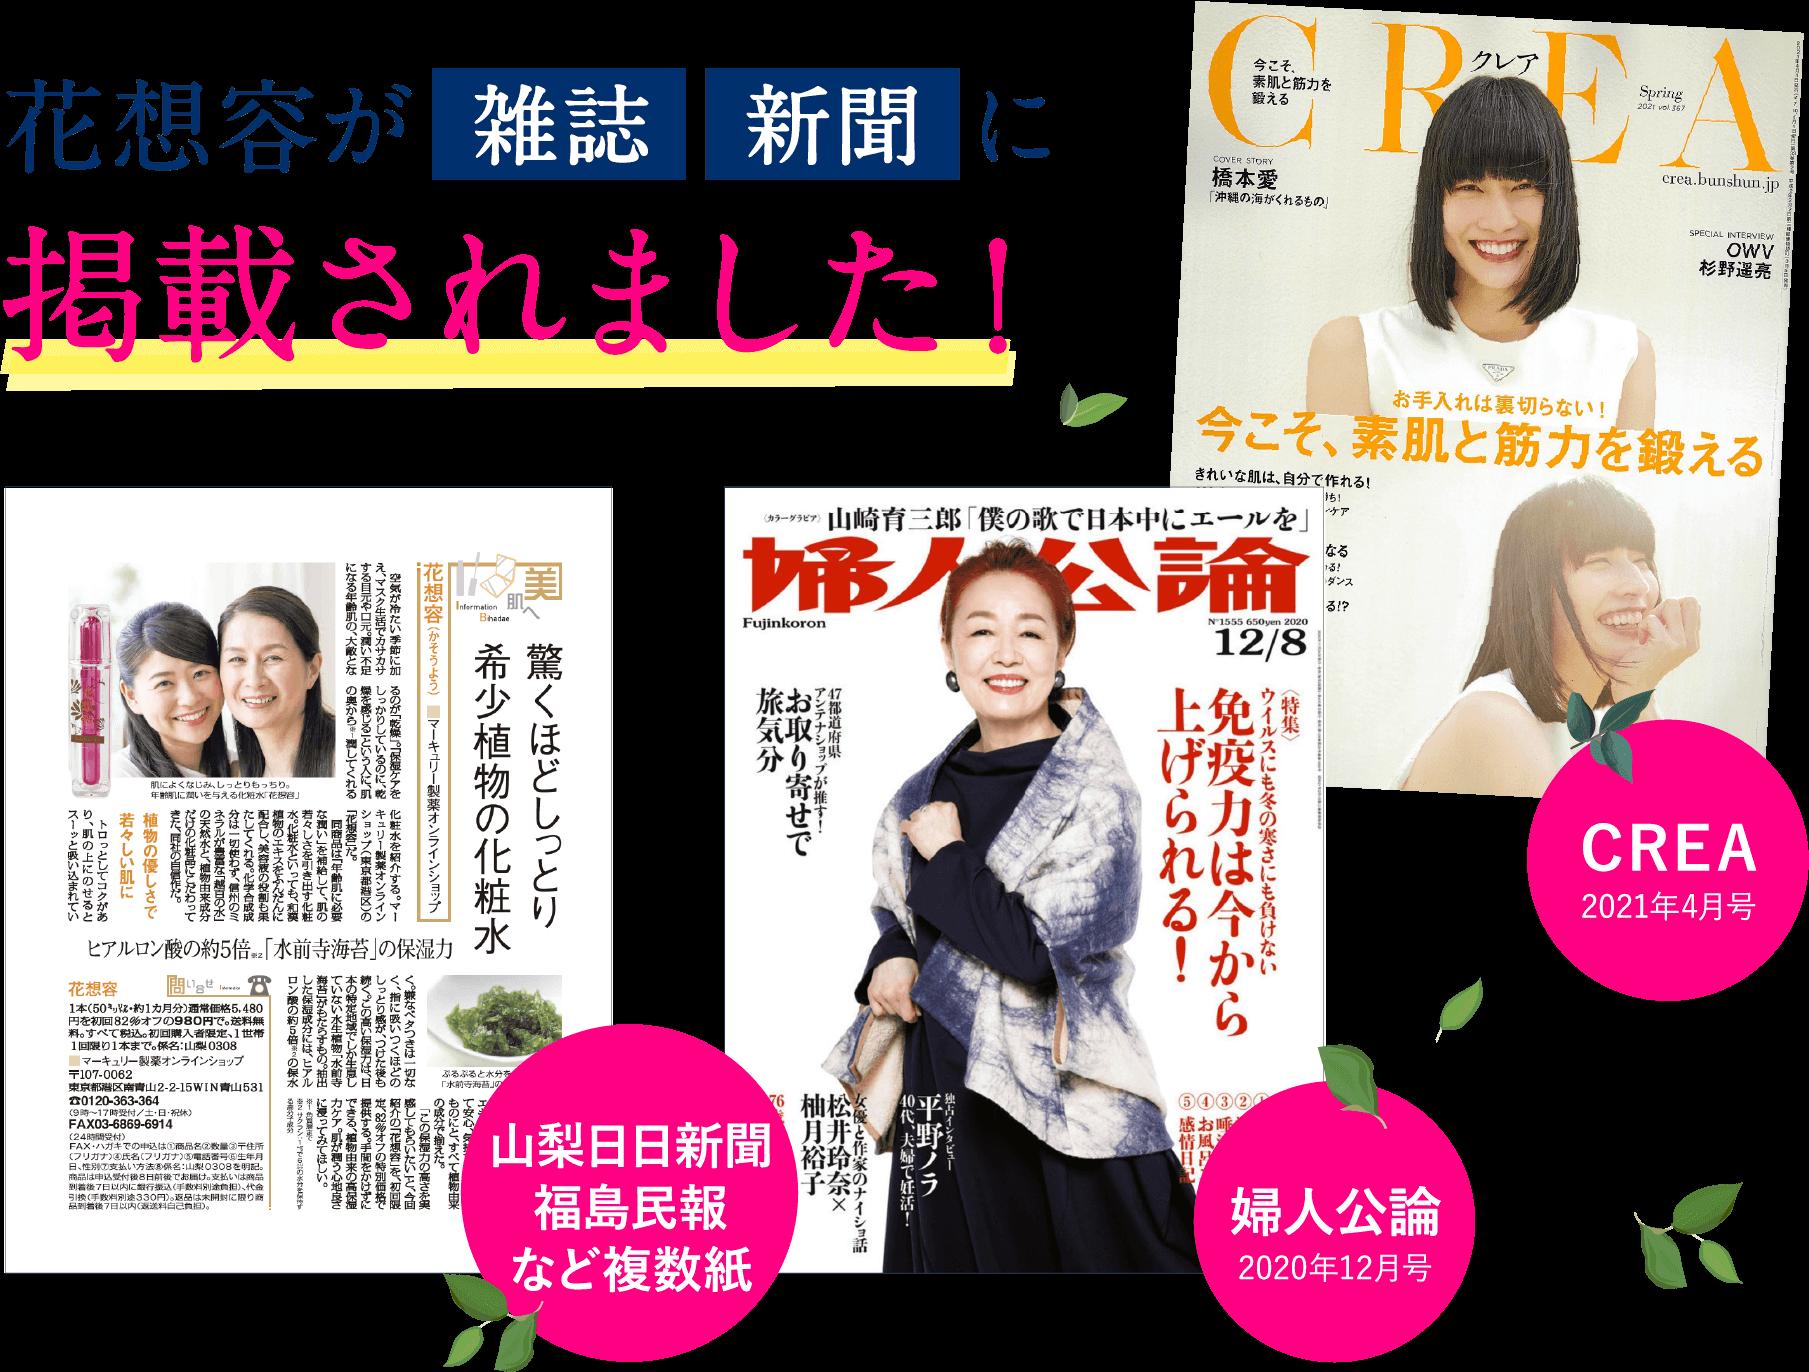 花想容が雑誌新聞に連載されました。山梨日日新聞福島民報など複数紙。婦人公論2020年12月号。CREA2021年4月号